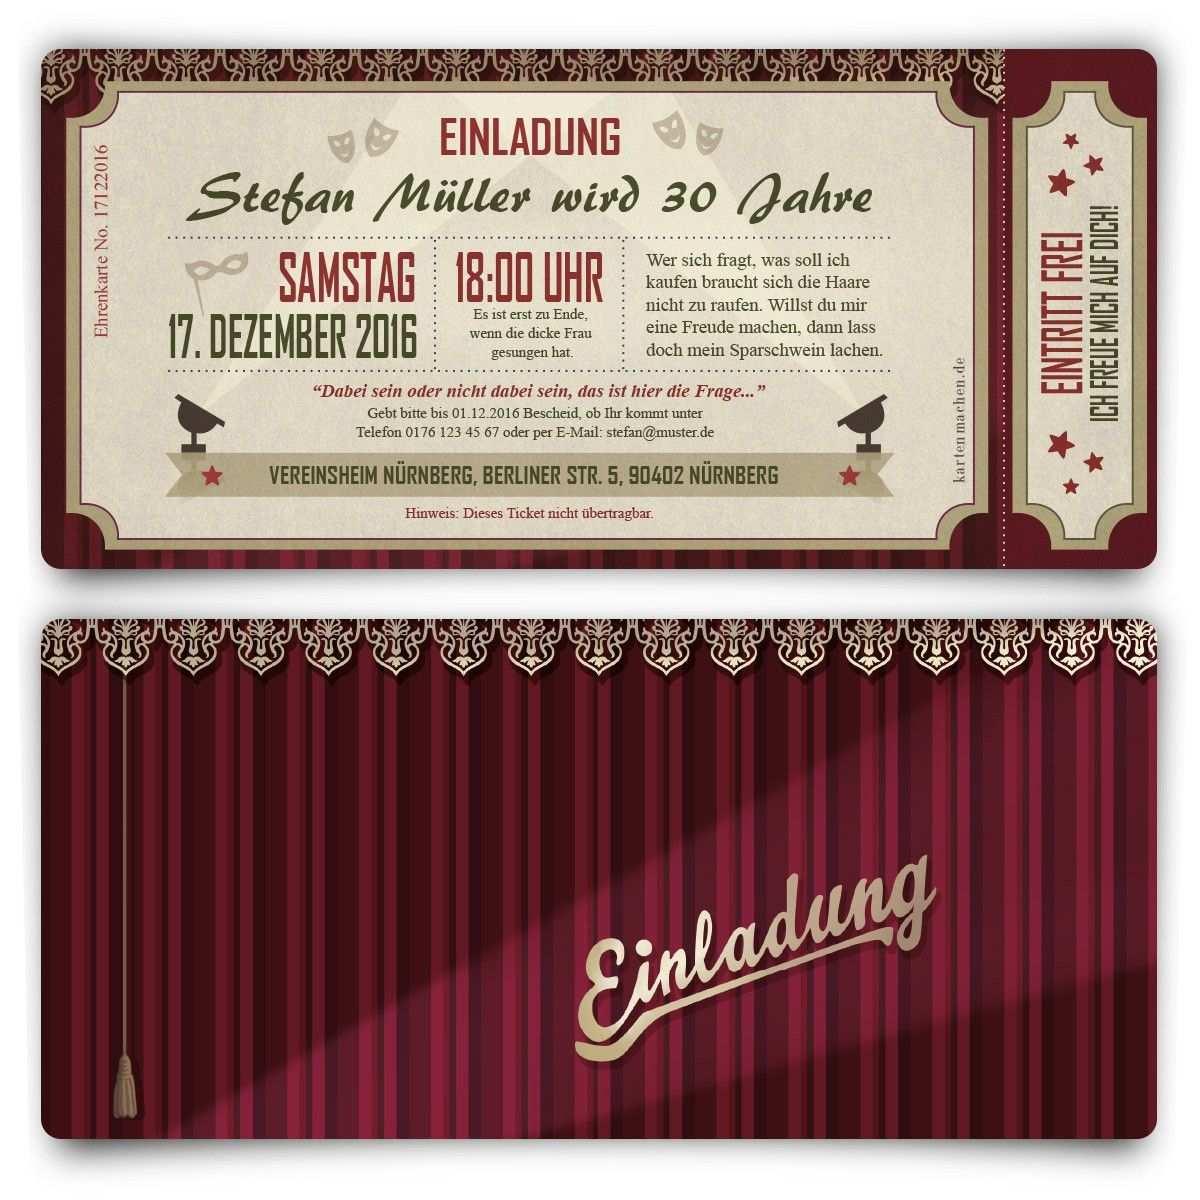 Einladungen Theaterkarten Geburtstag Einladung Geburtstagseinladung Theater Theat Einladungen Einladungskarten Kindergeburtstag Einladungskarten Online